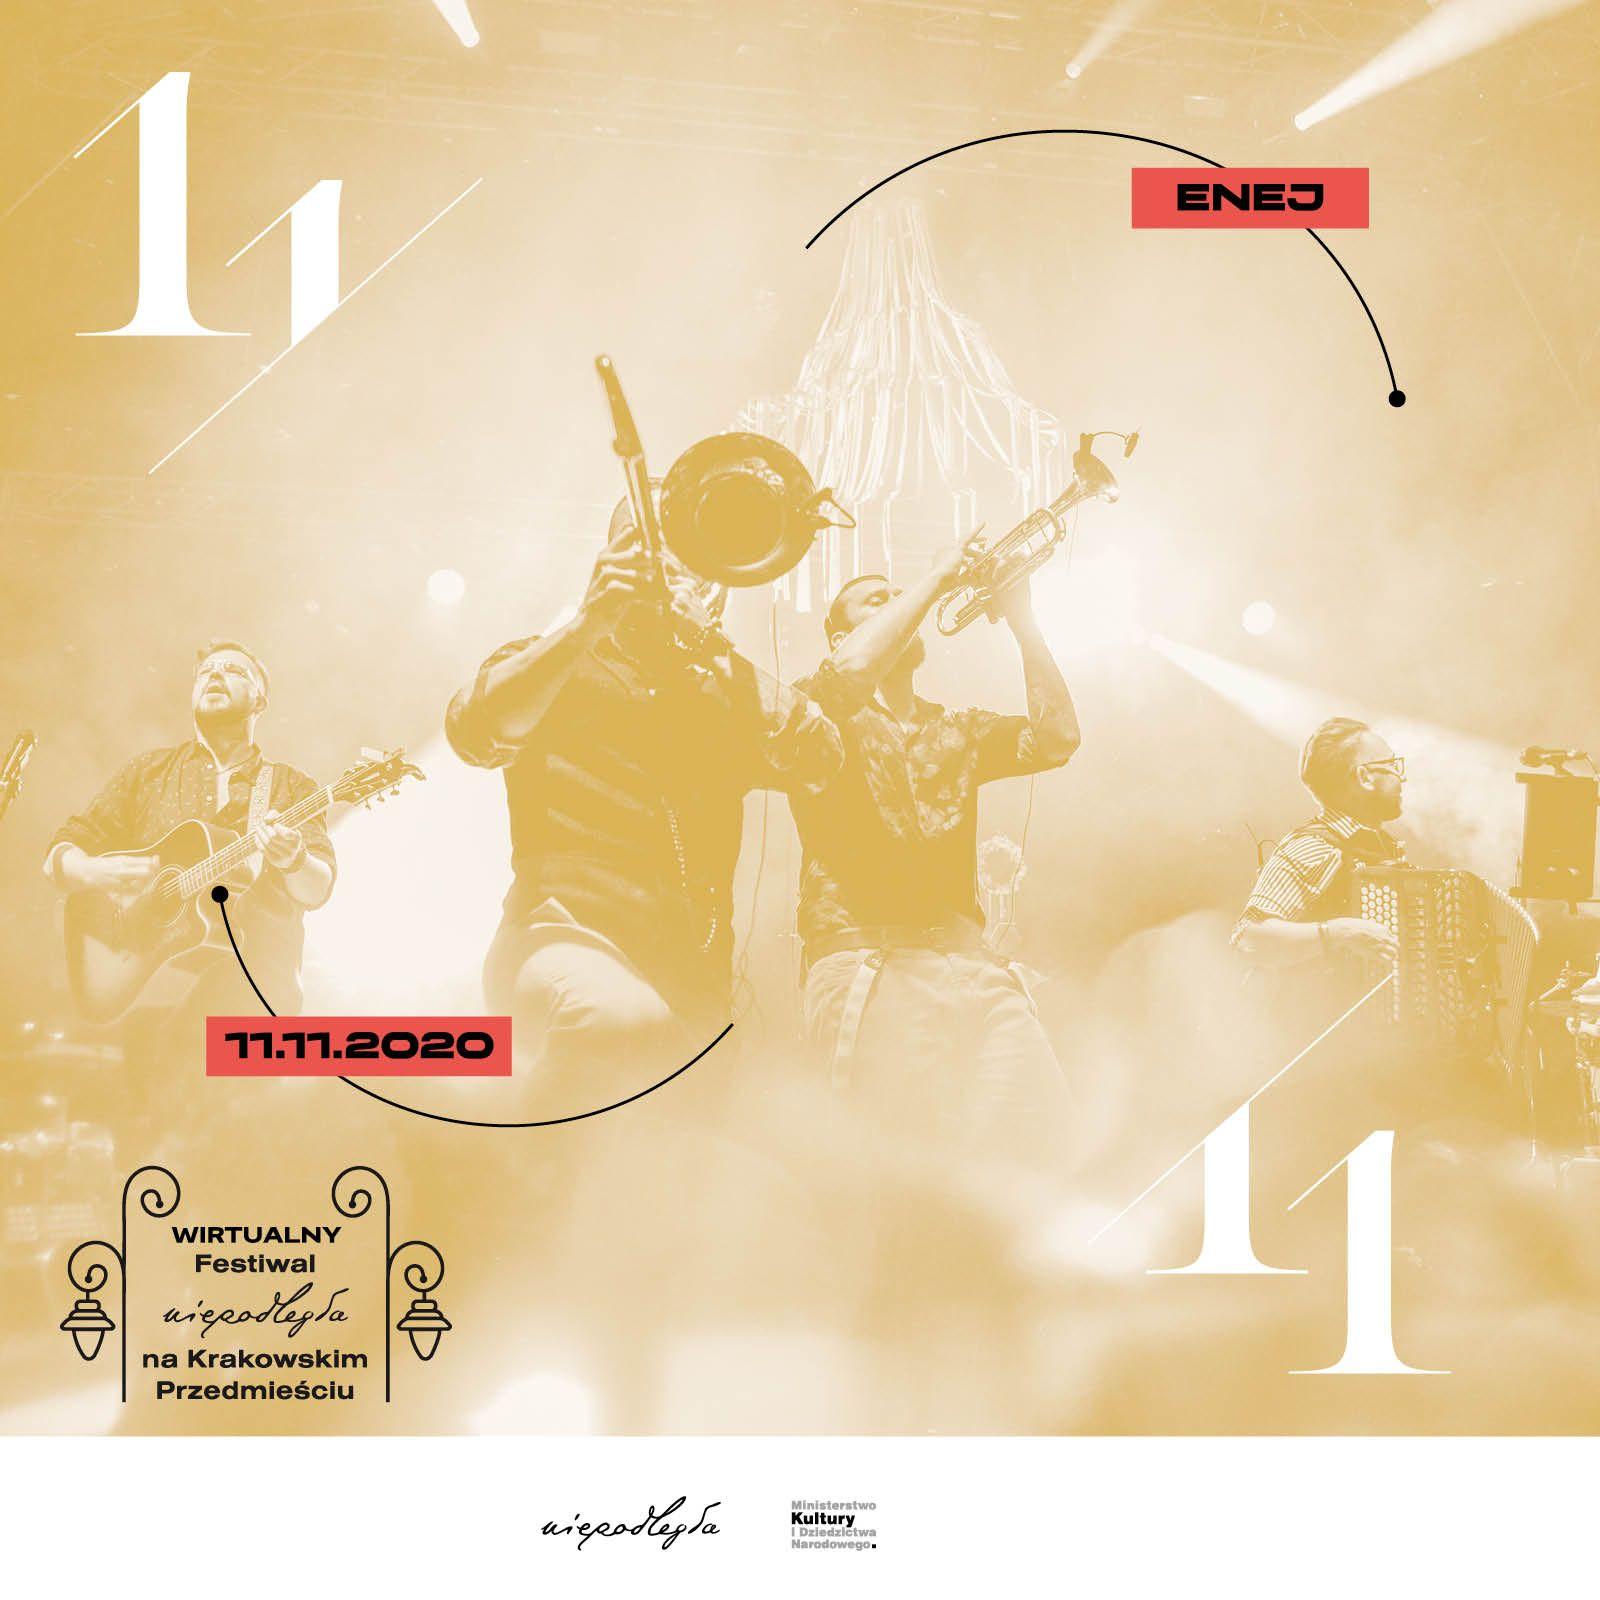 plakat z członkami zespołu Enej